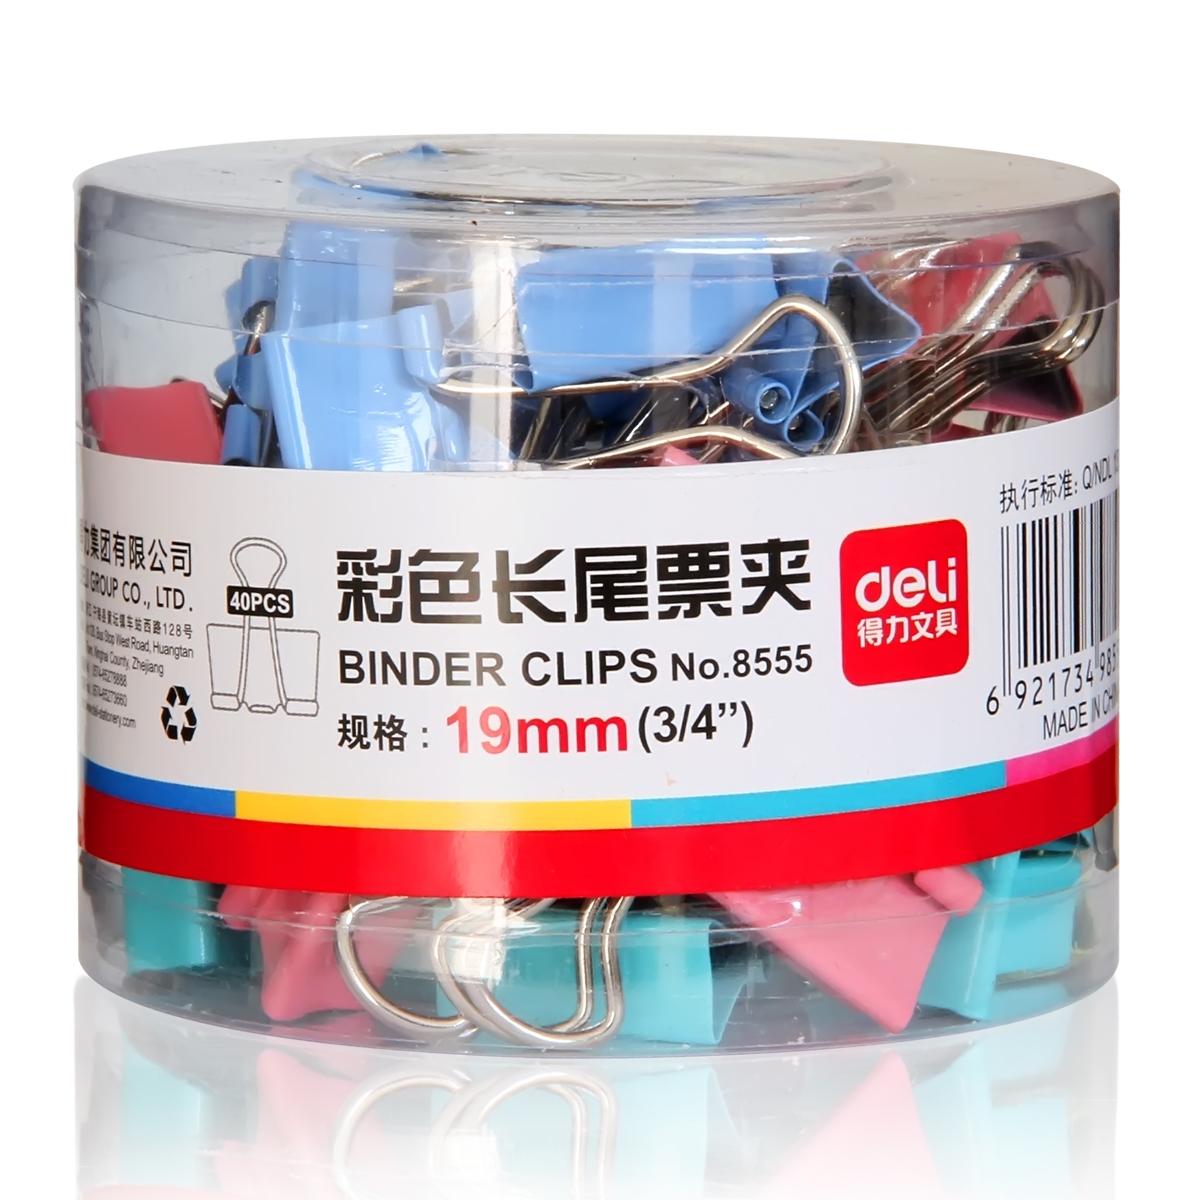 得力(deli)8555 40只19mm彩色长尾票夹 金属票据夹燕尾夹 小号